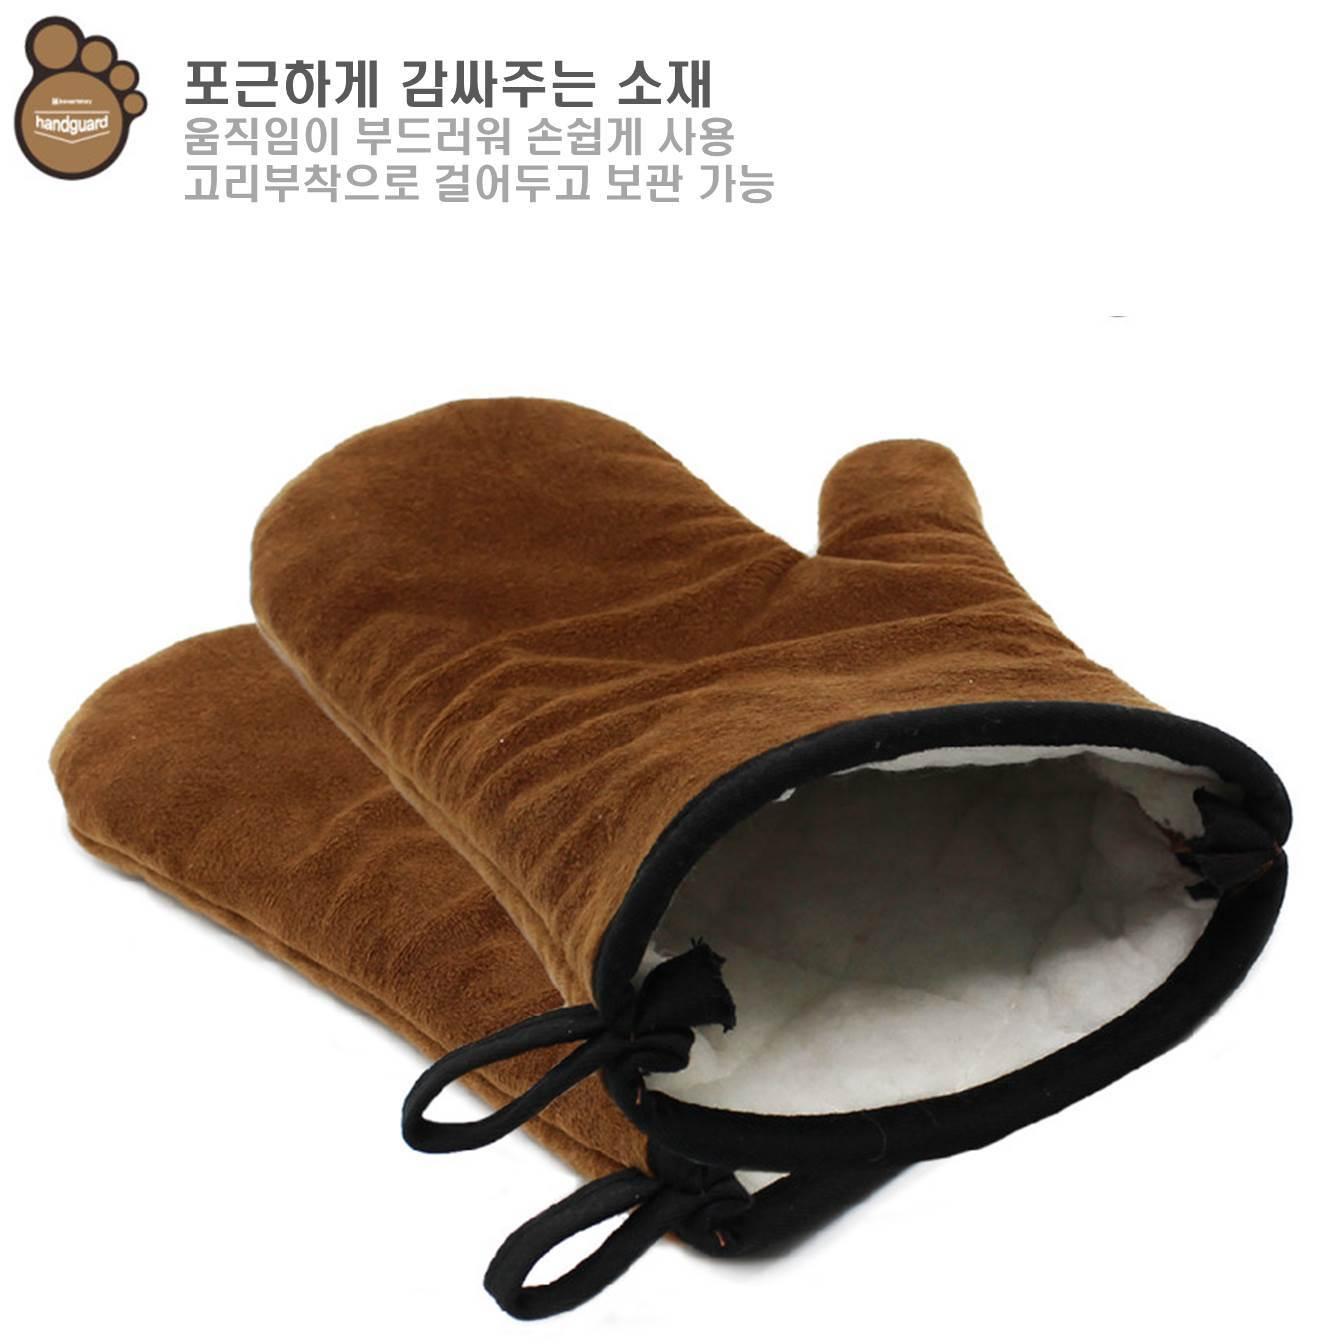 오마오 곰돌이 오븐 장갑 2P - 오마오, 18,000원, 주방장갑/주방타올, 주방장갑